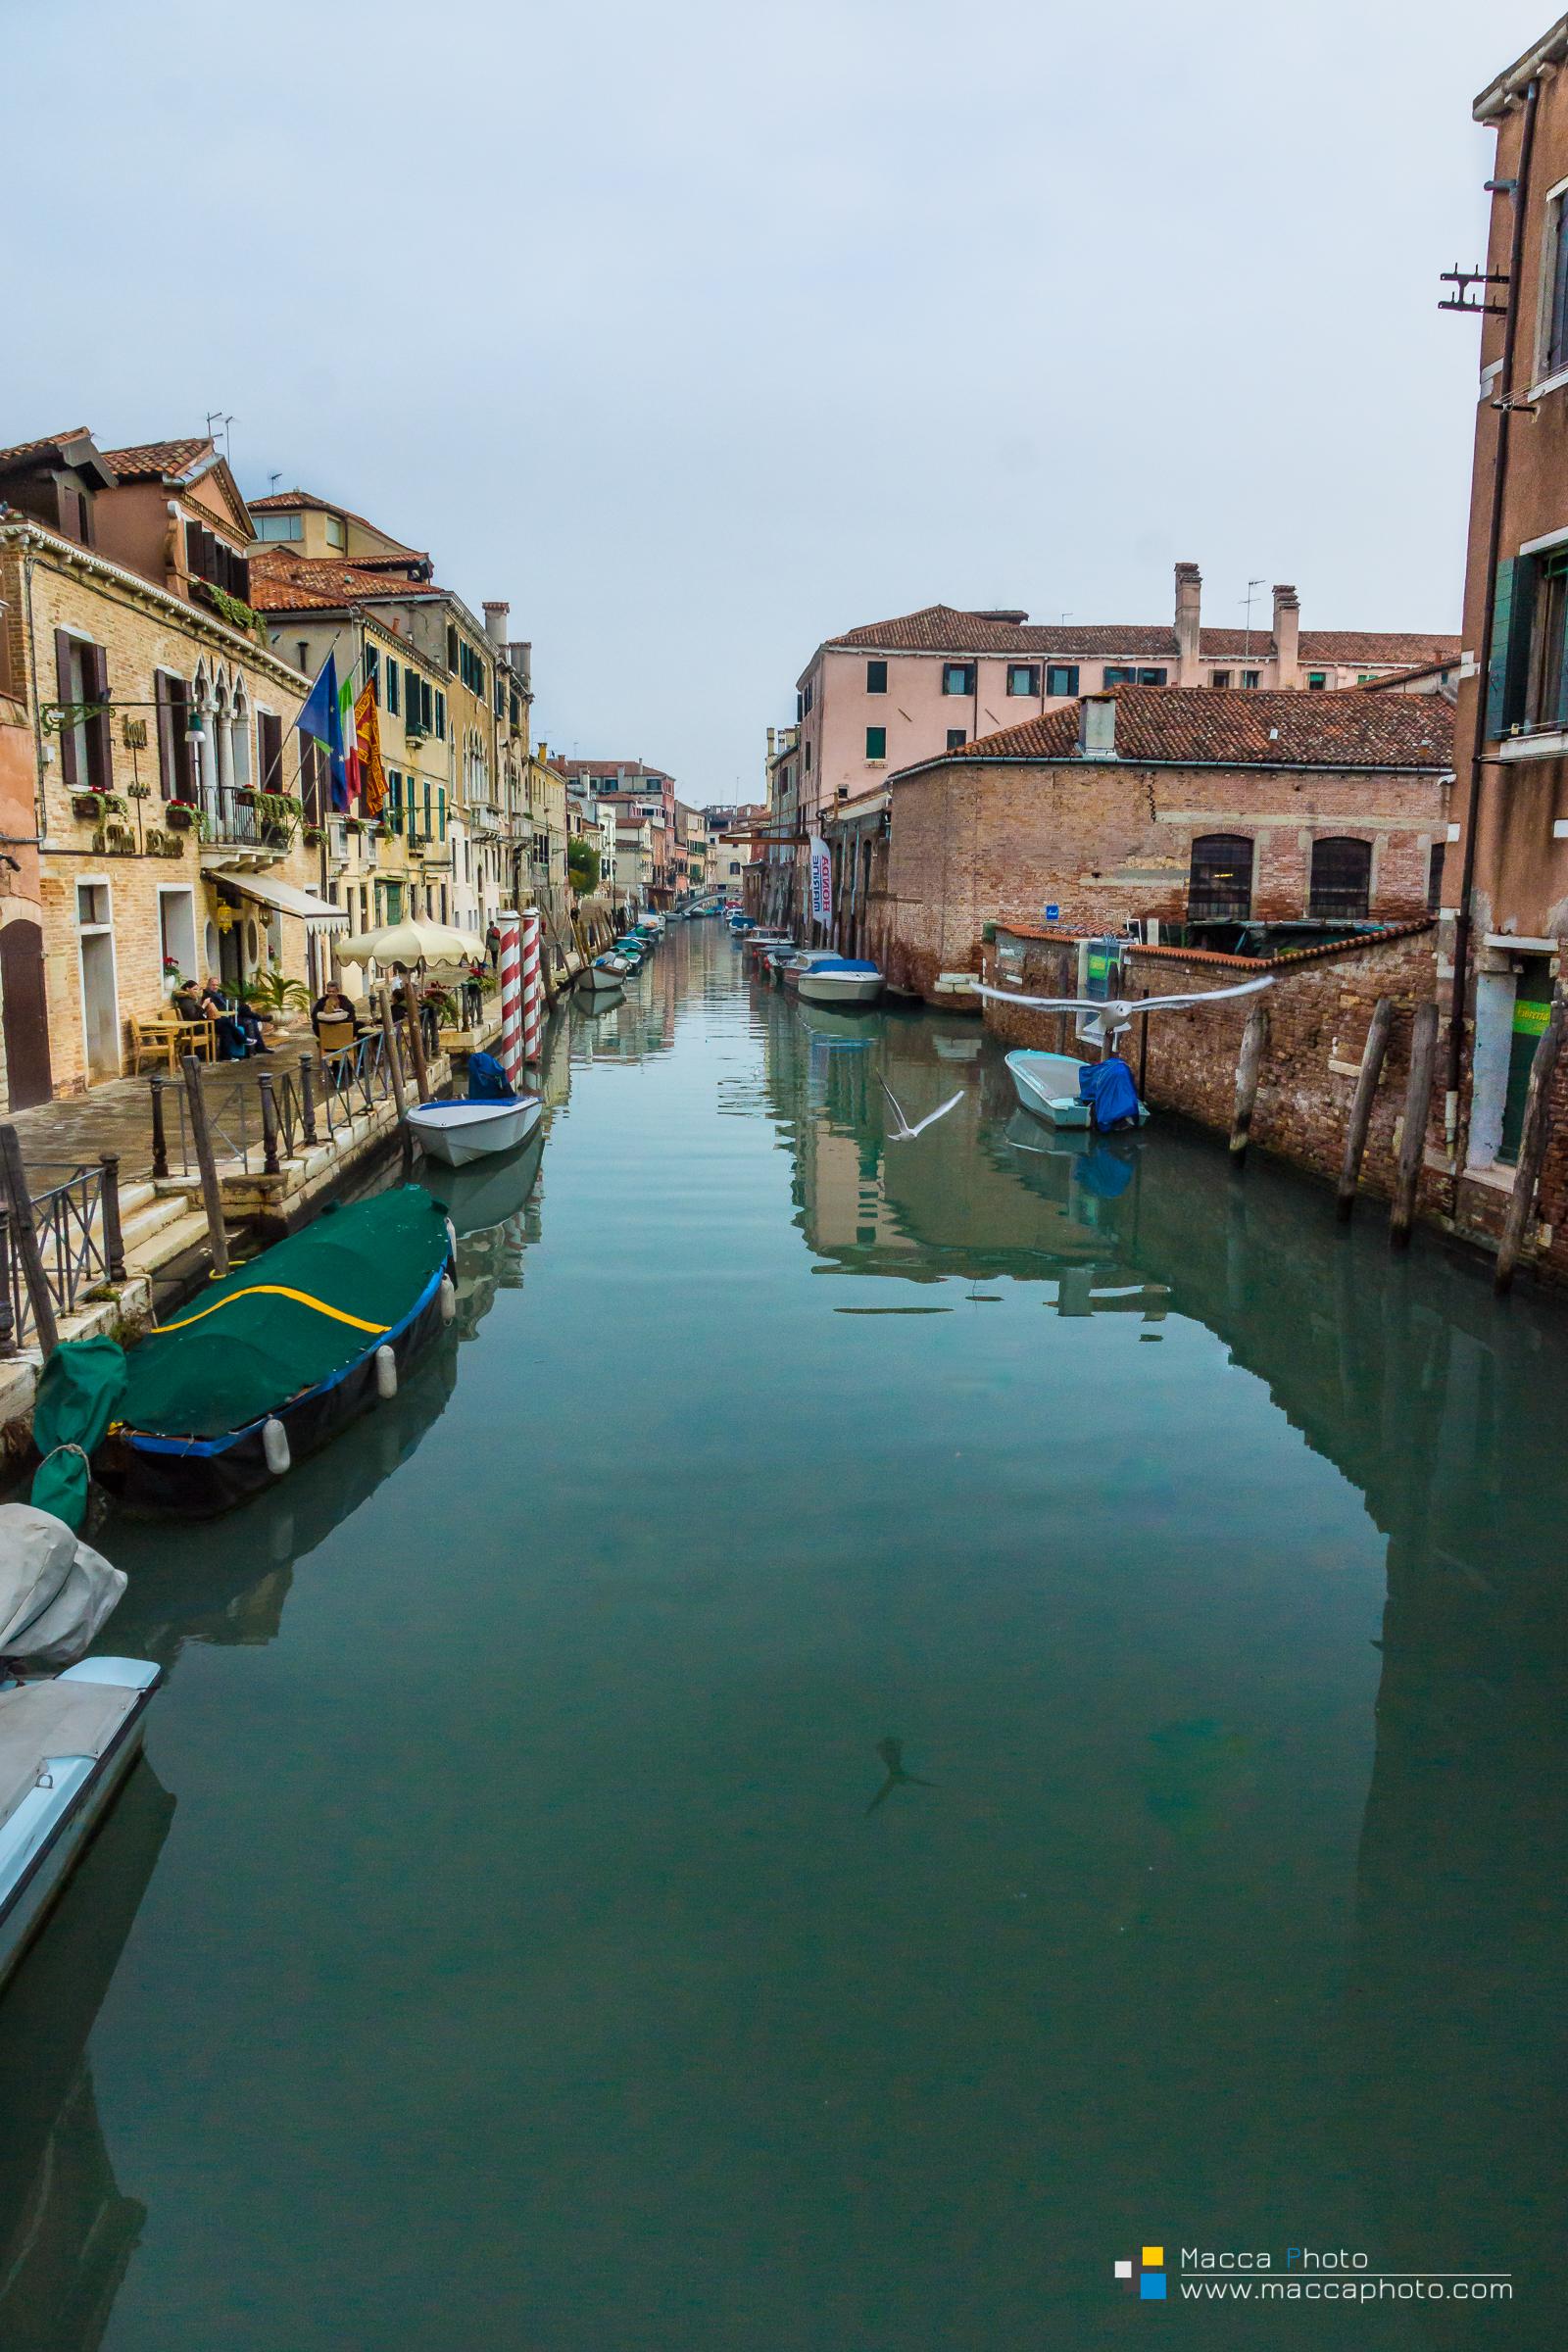 Italy - Venice 01